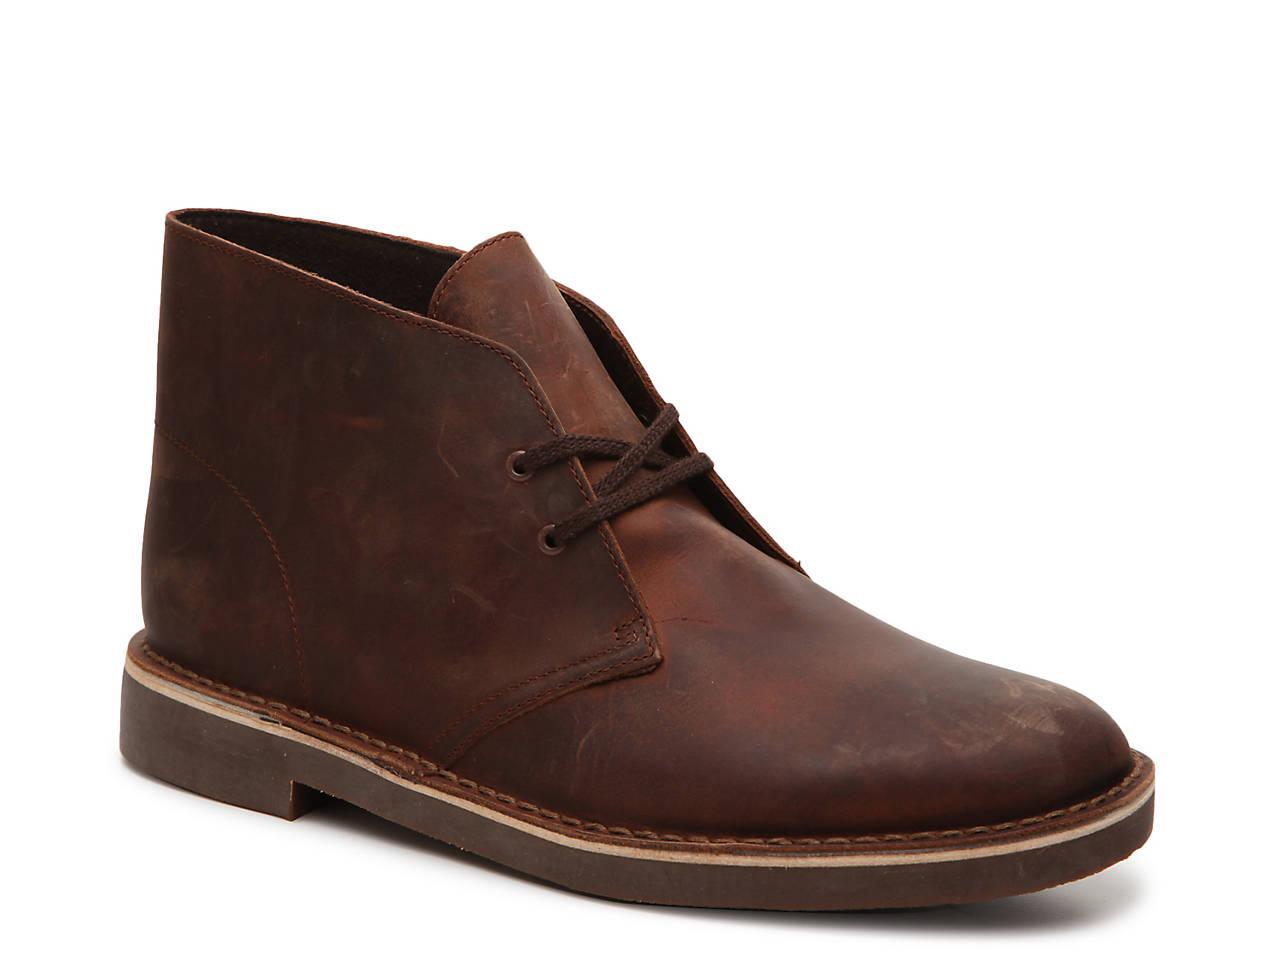 23b52d9c4a4 Clarks Shoes, Sandals, Boots, Flip-Flops & Slip-Ons | DSW